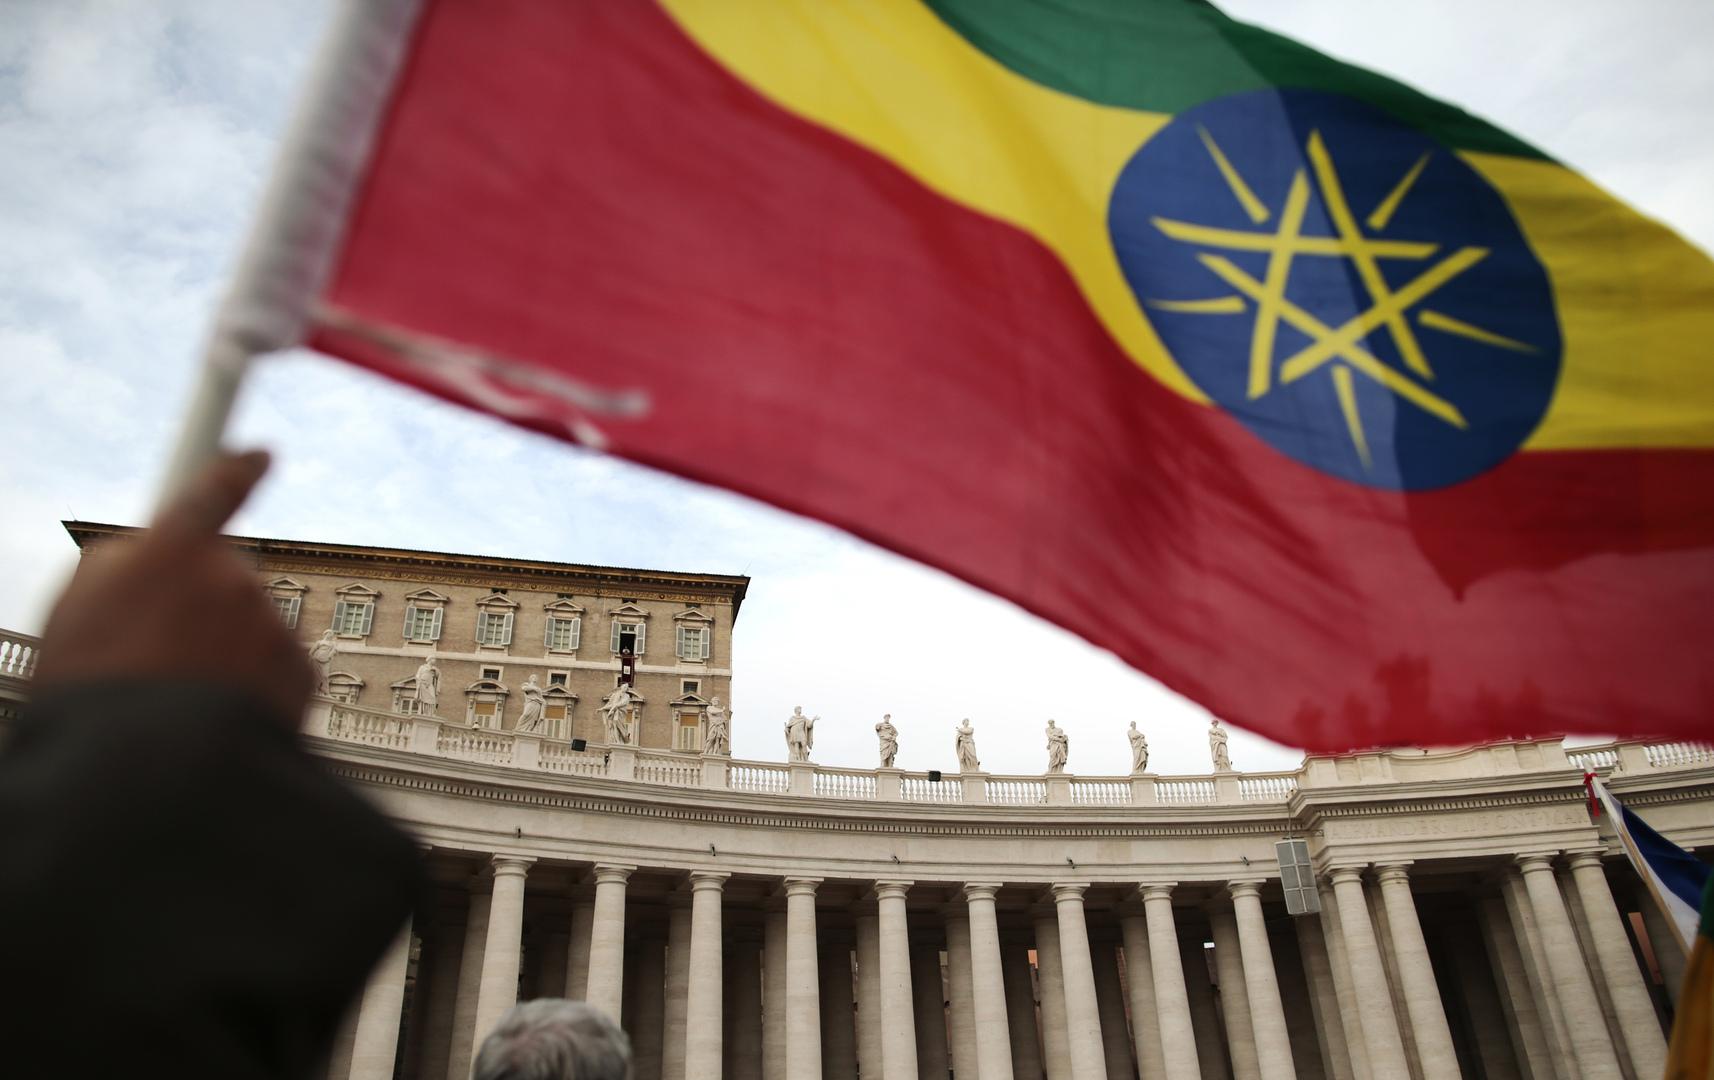 اتفاق على تعاون عسكري بين إثيوبيا ودولة عربية